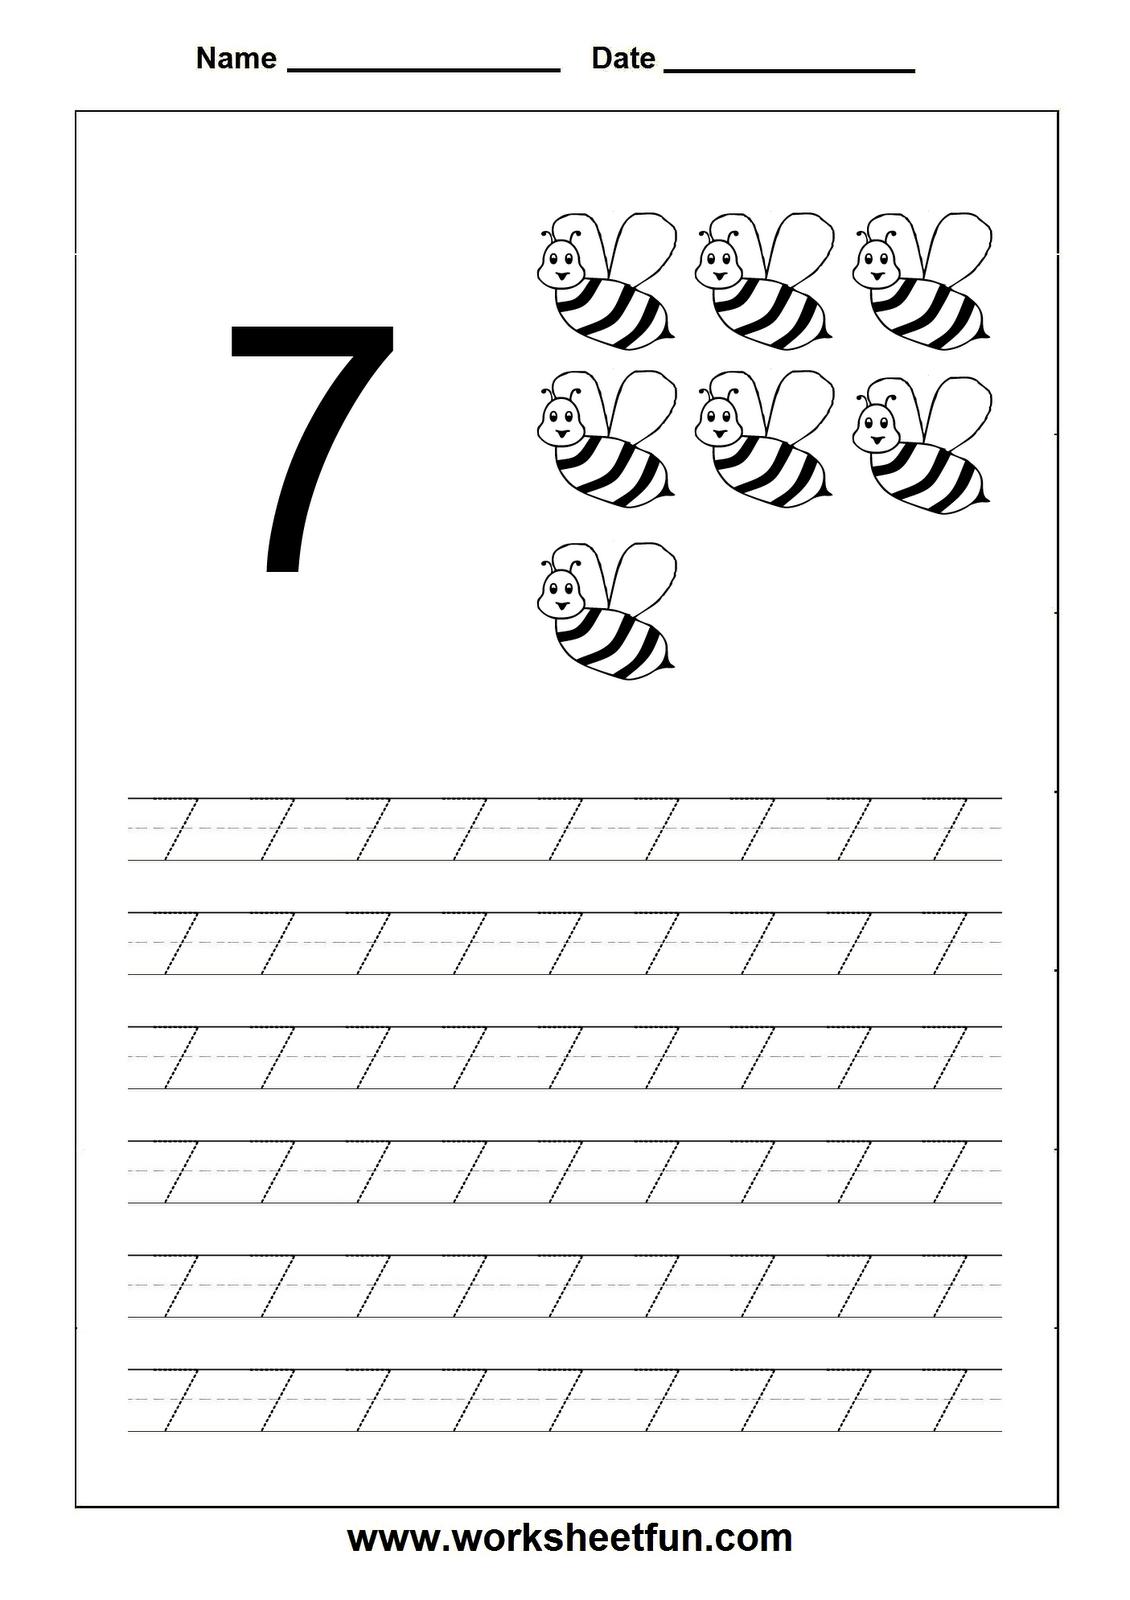 8 Number 7 Worksheet Trace Number Tracing Worksheet 7 In intended for Letter 7 Worksheets